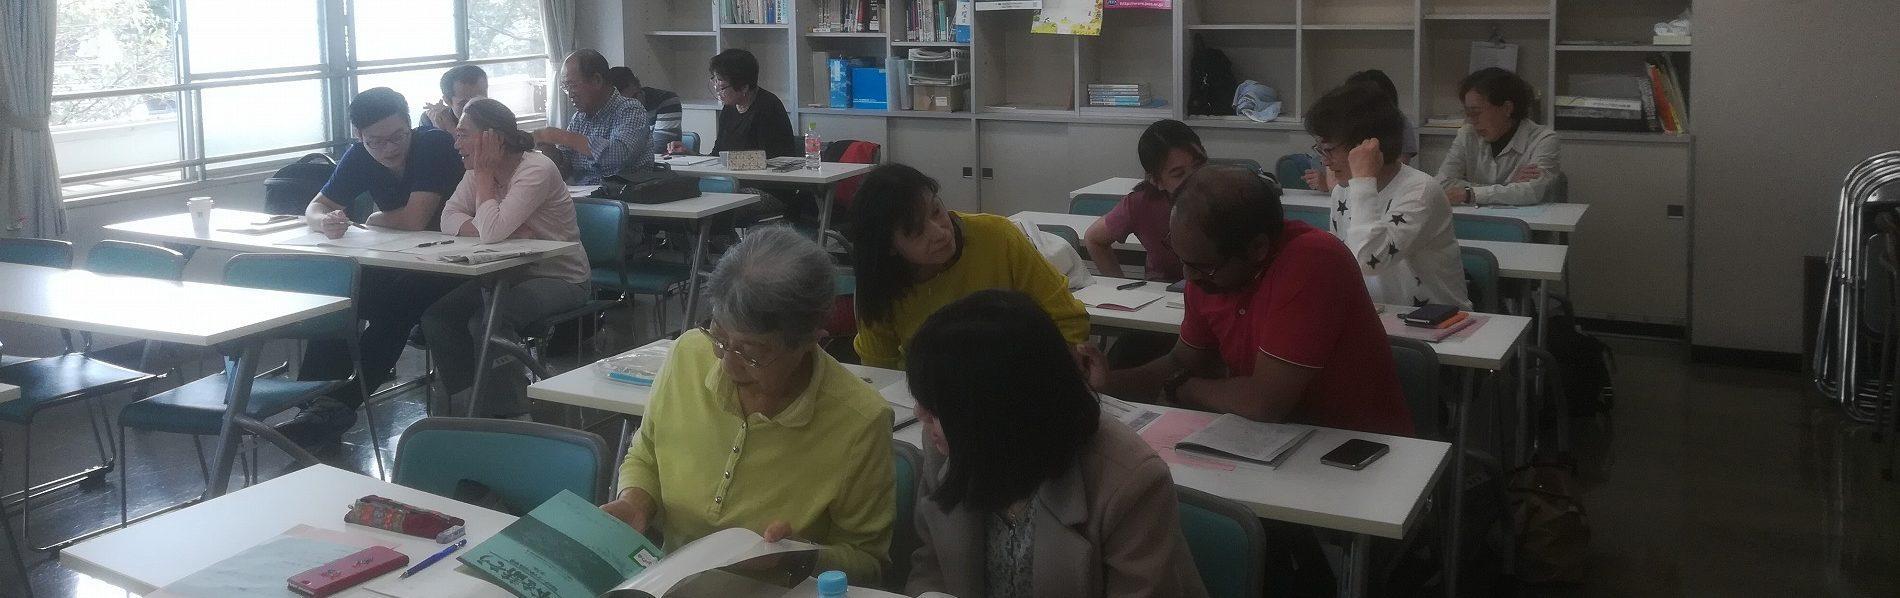 町田市で日本語学習支援をしているボランティア団体